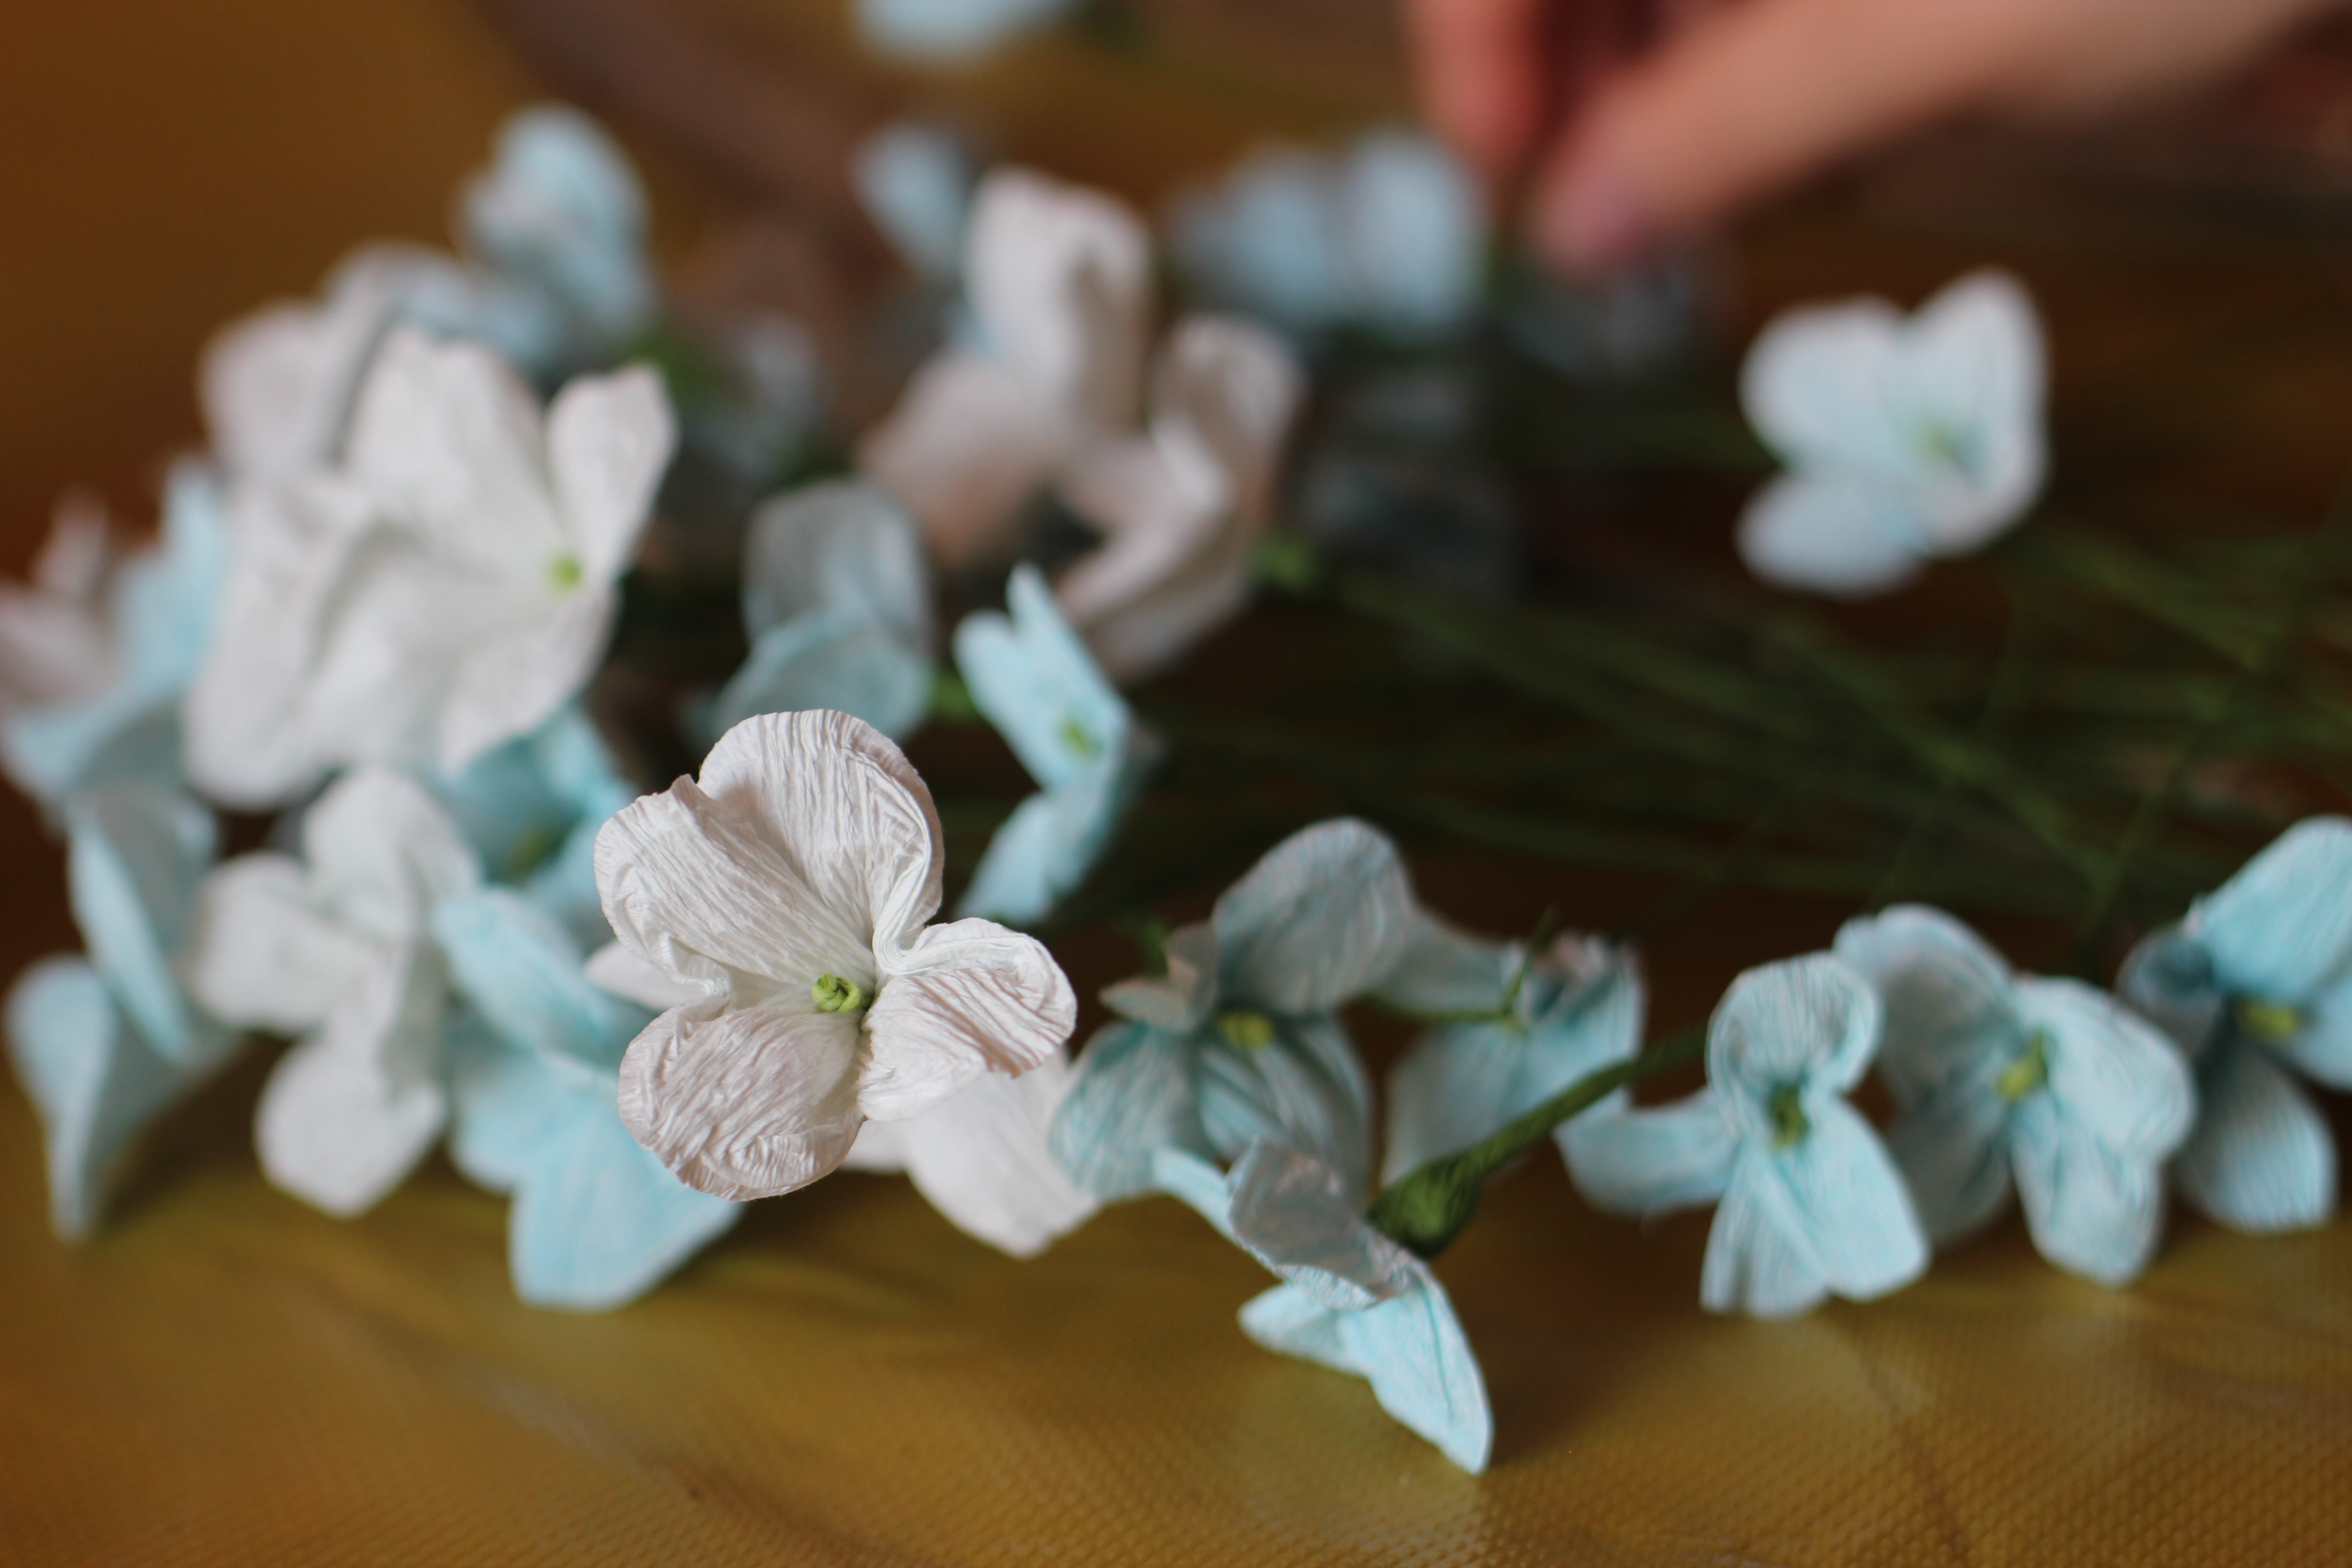 hortensję tworzy mnóstwo pojedynczych kwiatków